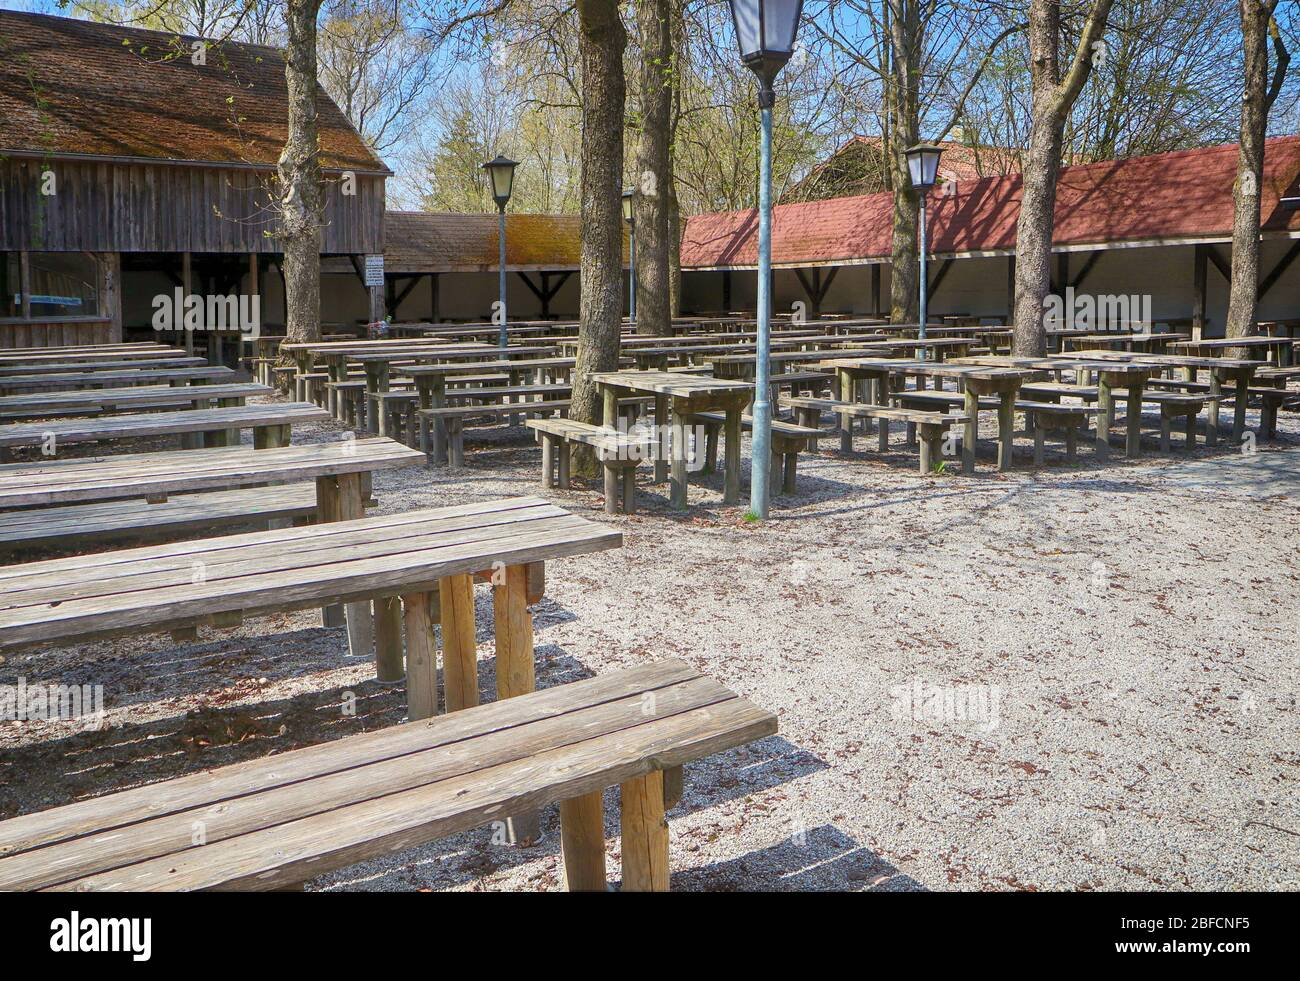 Bavaria, Allemagne, effet corona virus: Beau printemps et vide café de bière fermé pour le virus Corona, vue inhabituelle mais la nouvelle norme maintenant Banque D'Images